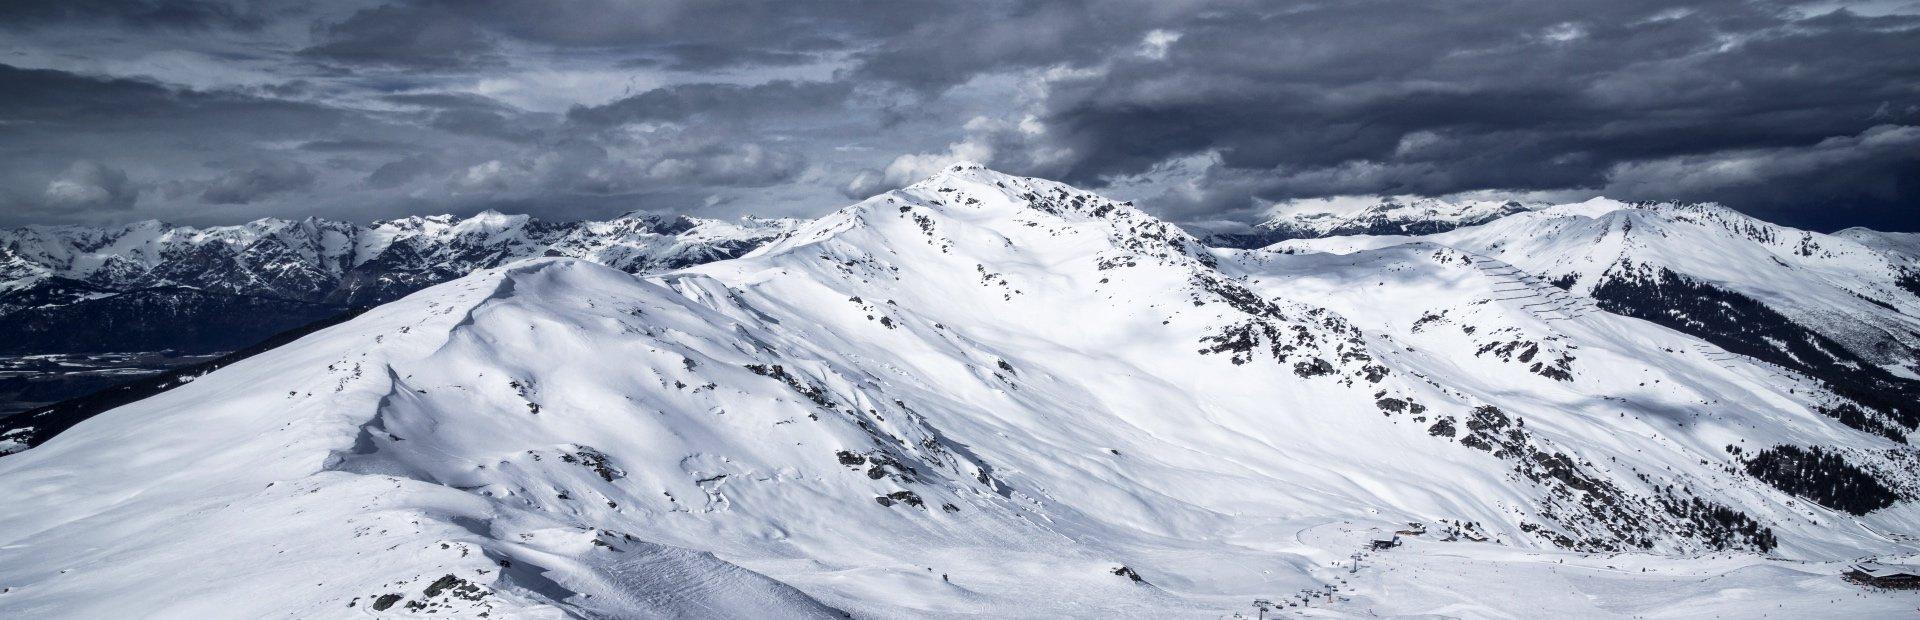 Big Mountain Hochfügen Wintersport Zillertal Winter Tirol Skiurlaub Tiefschnee